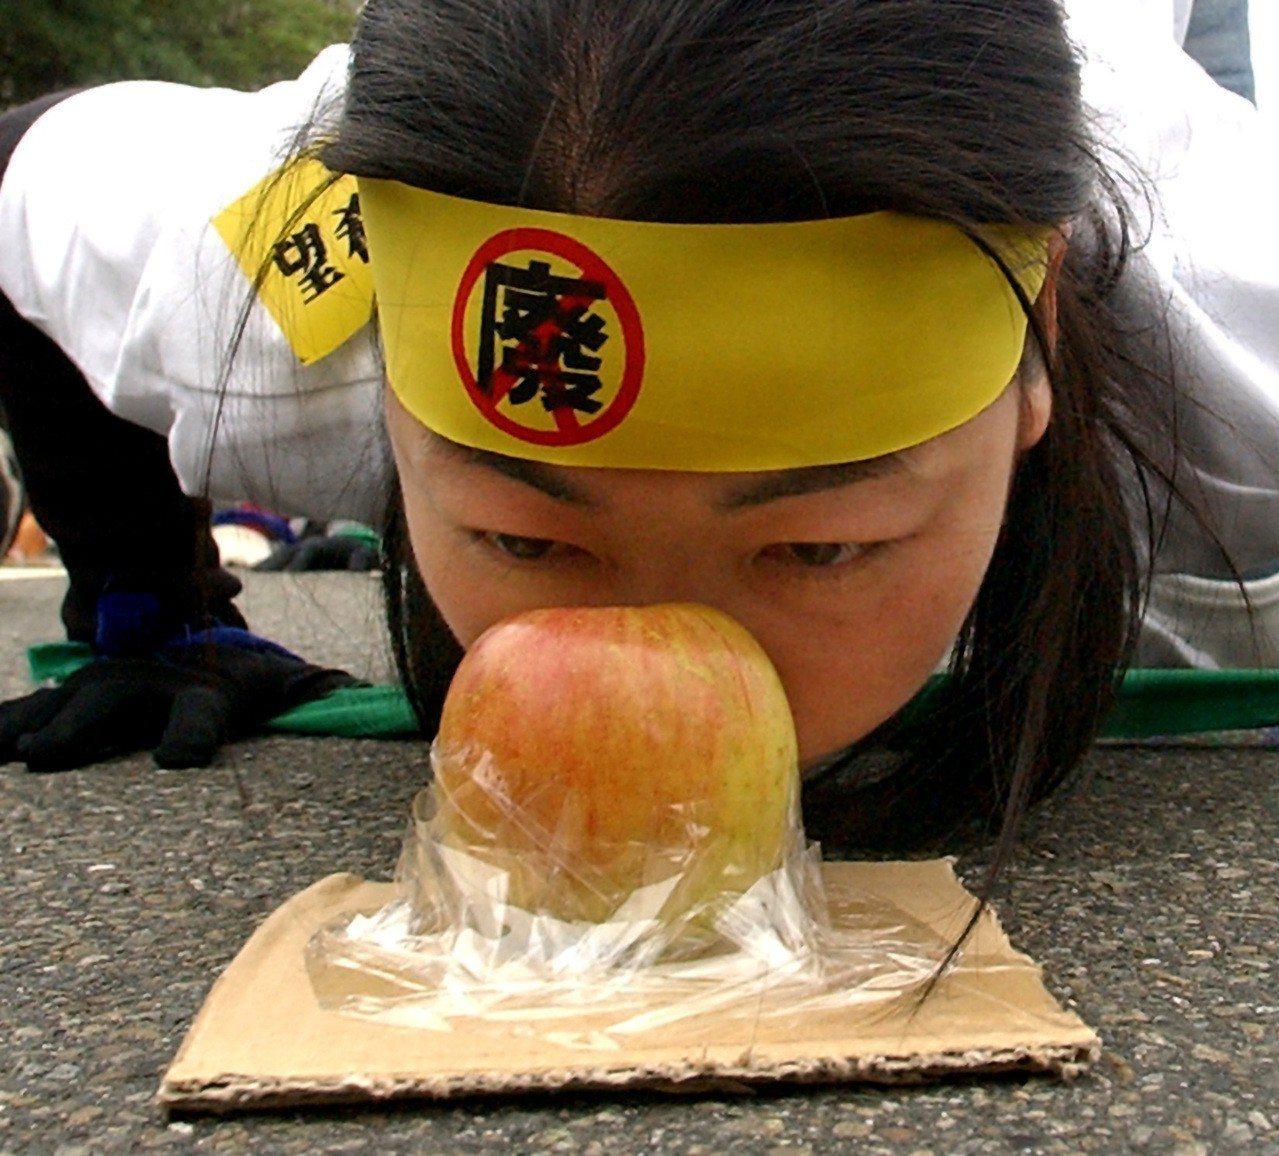 工人春鬥「拒吃爛蘋果,投出新希望」遊行,民眾身體低伏在地,用鼻子將象徵「爛蘋果」...